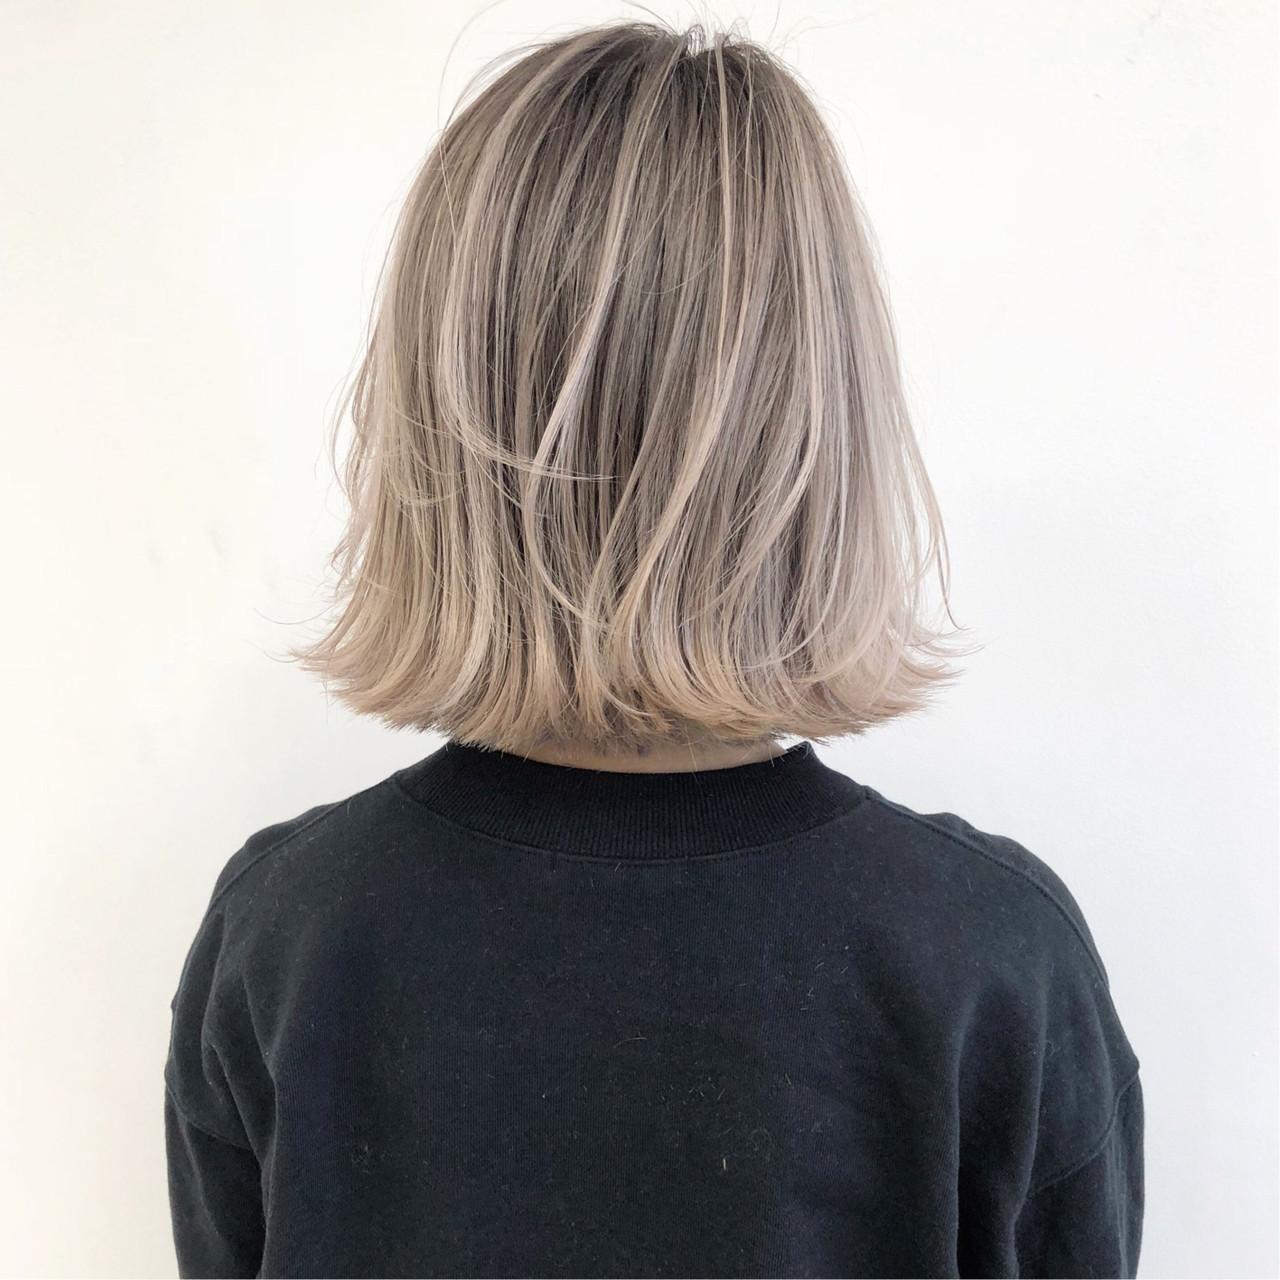 バレイヤージュ ボブ ショートヘア ストリート ヘアスタイルや髪型の写真・画像 | ALT 森田 正浩 / ALT